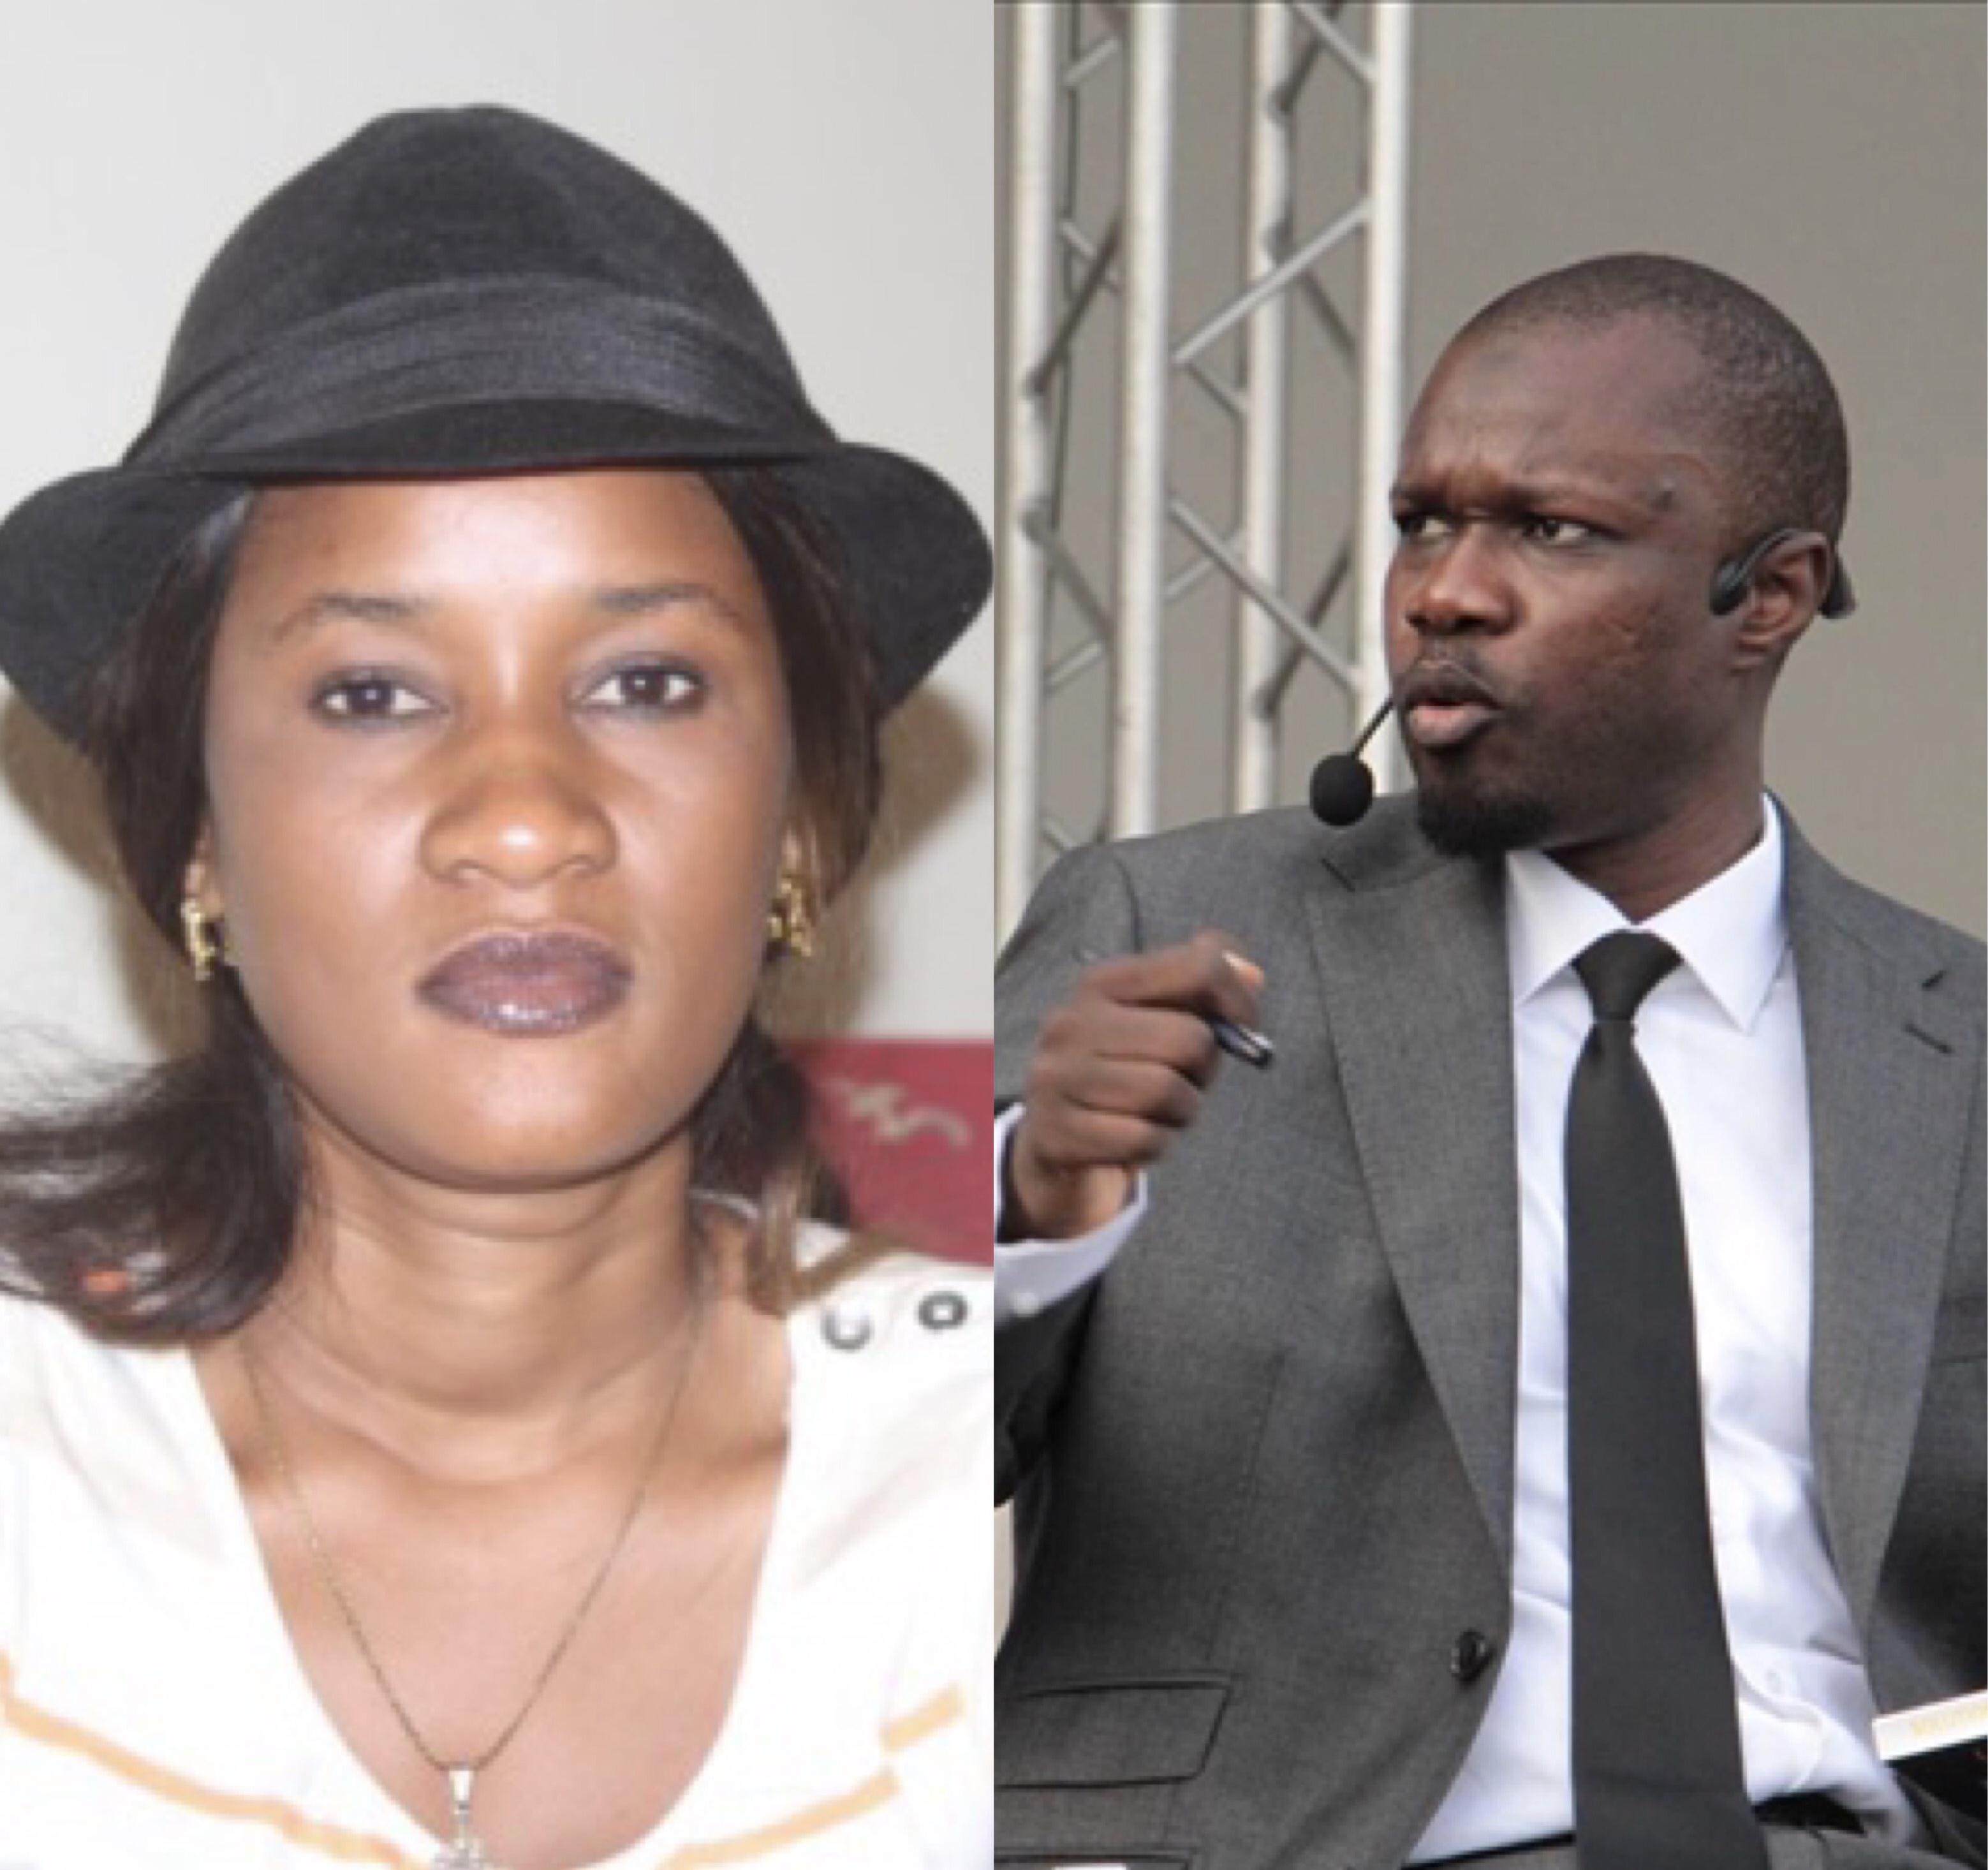 La fatwa qui révèle le vrai visage d'Ousmane Sonko